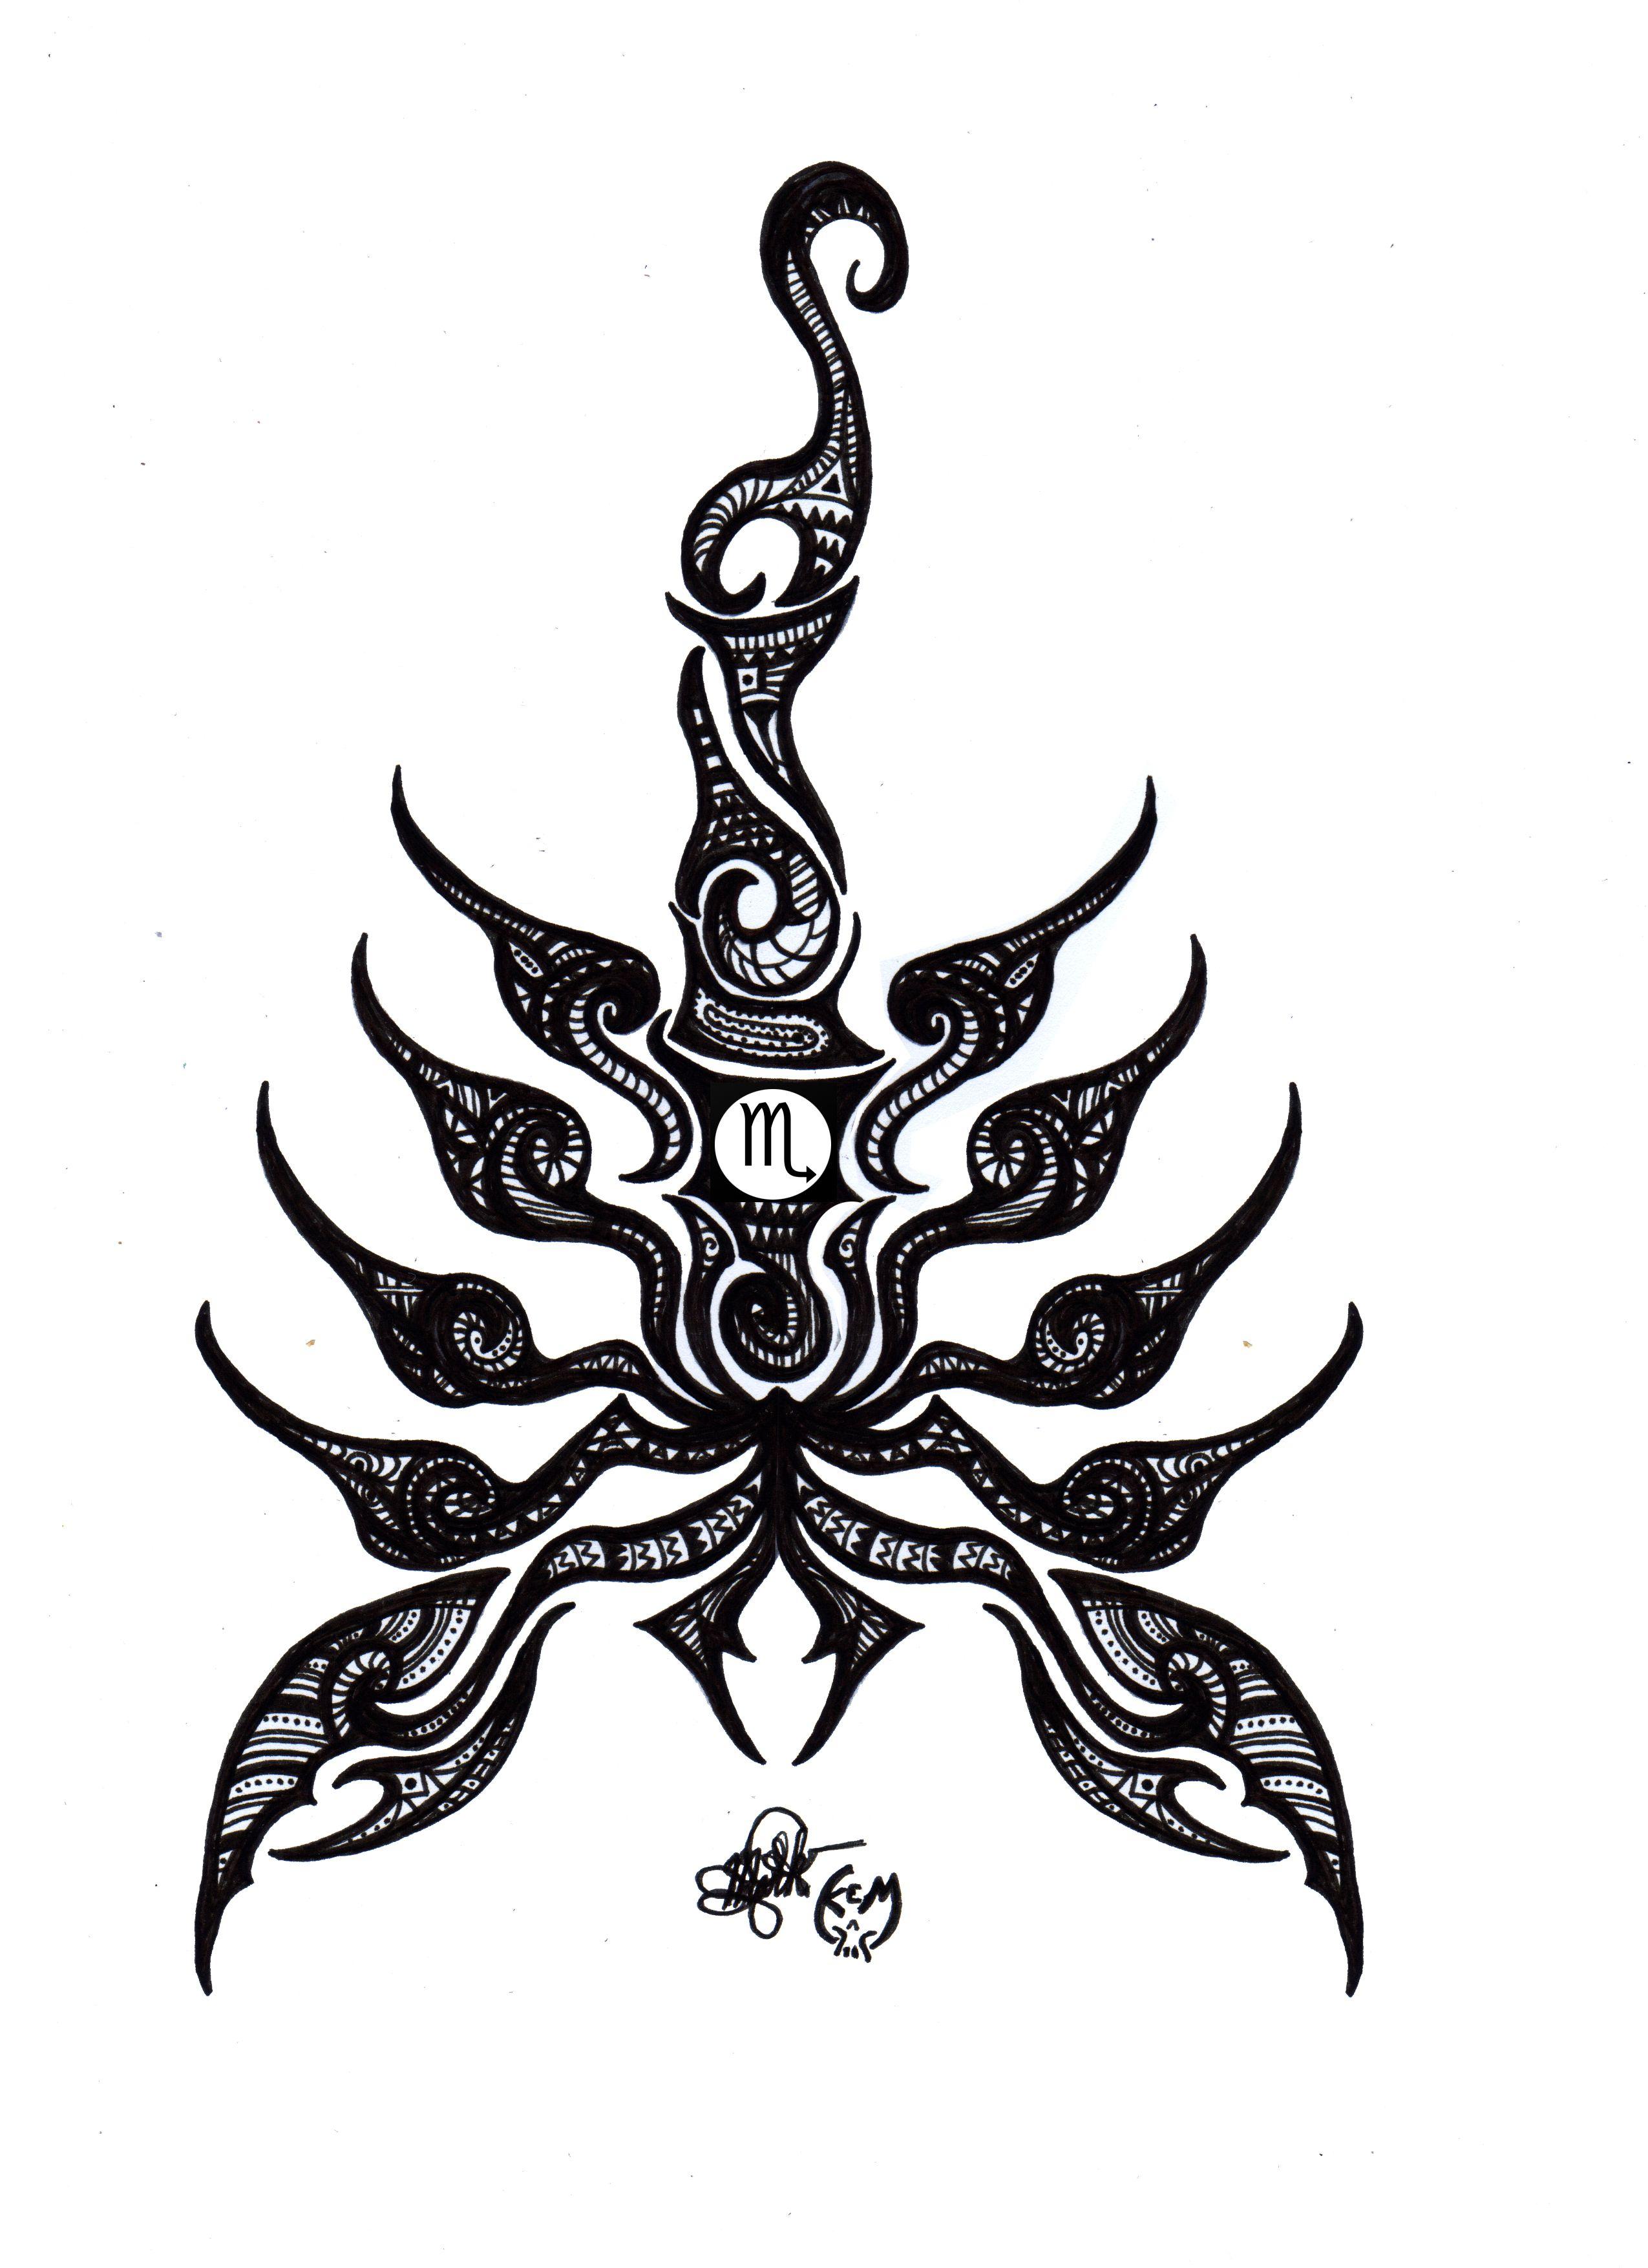 Scorpio Tribal Scorpio Zodiac Tattoos Scorpion Tattoo Tattoos